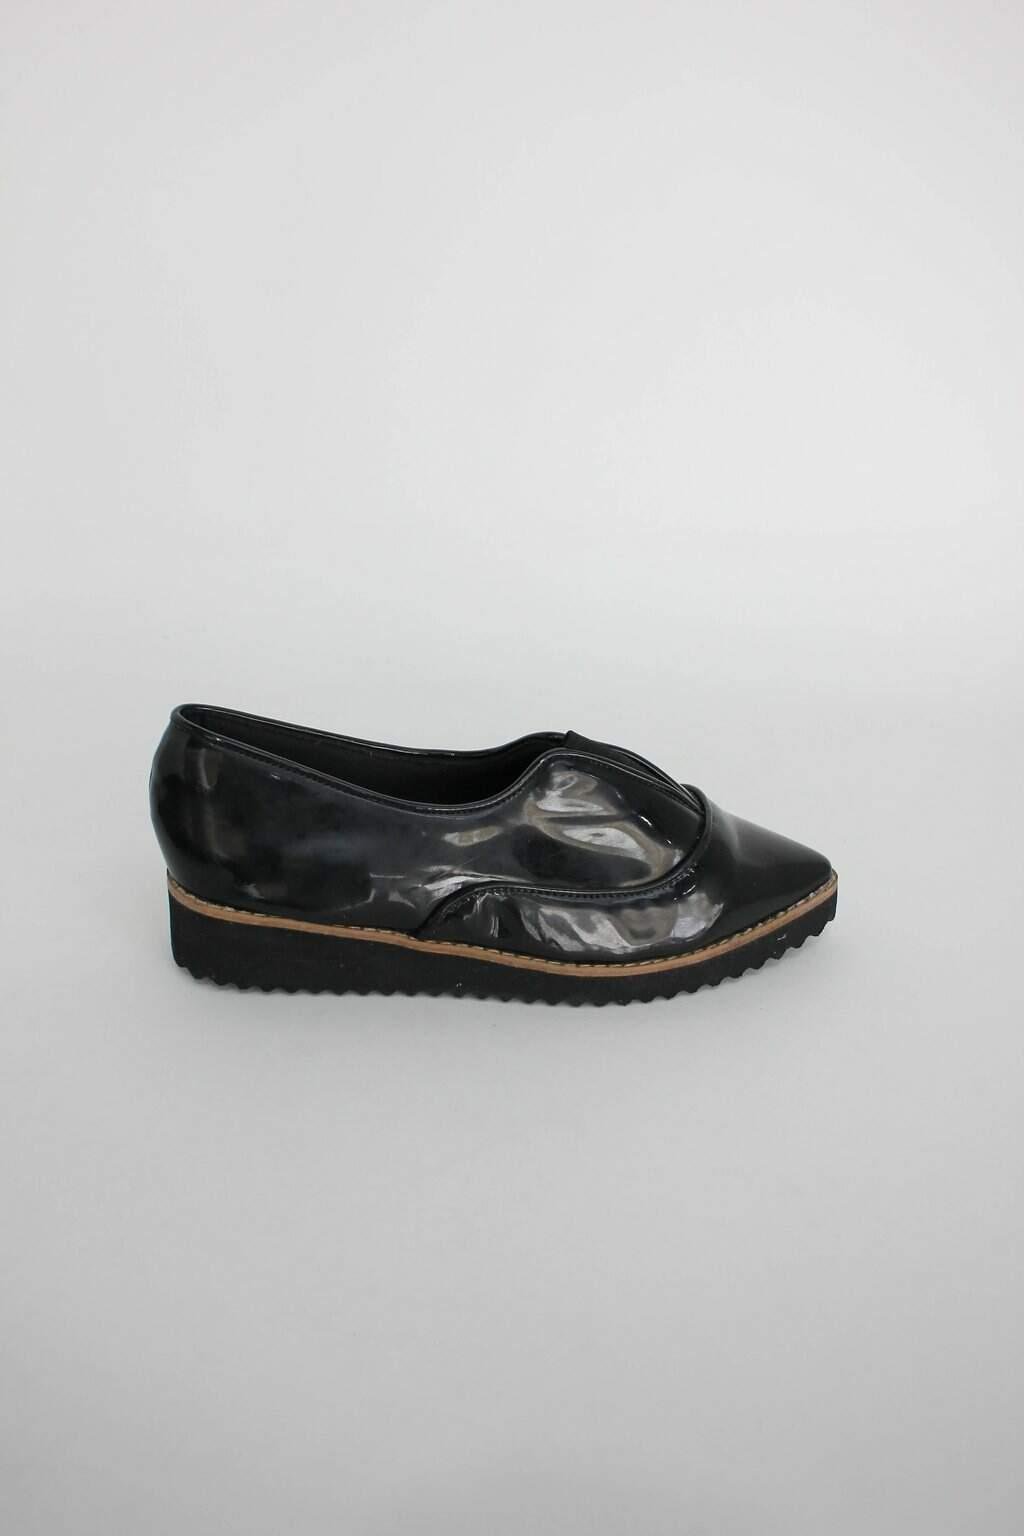 Sapato coratta feminino preto